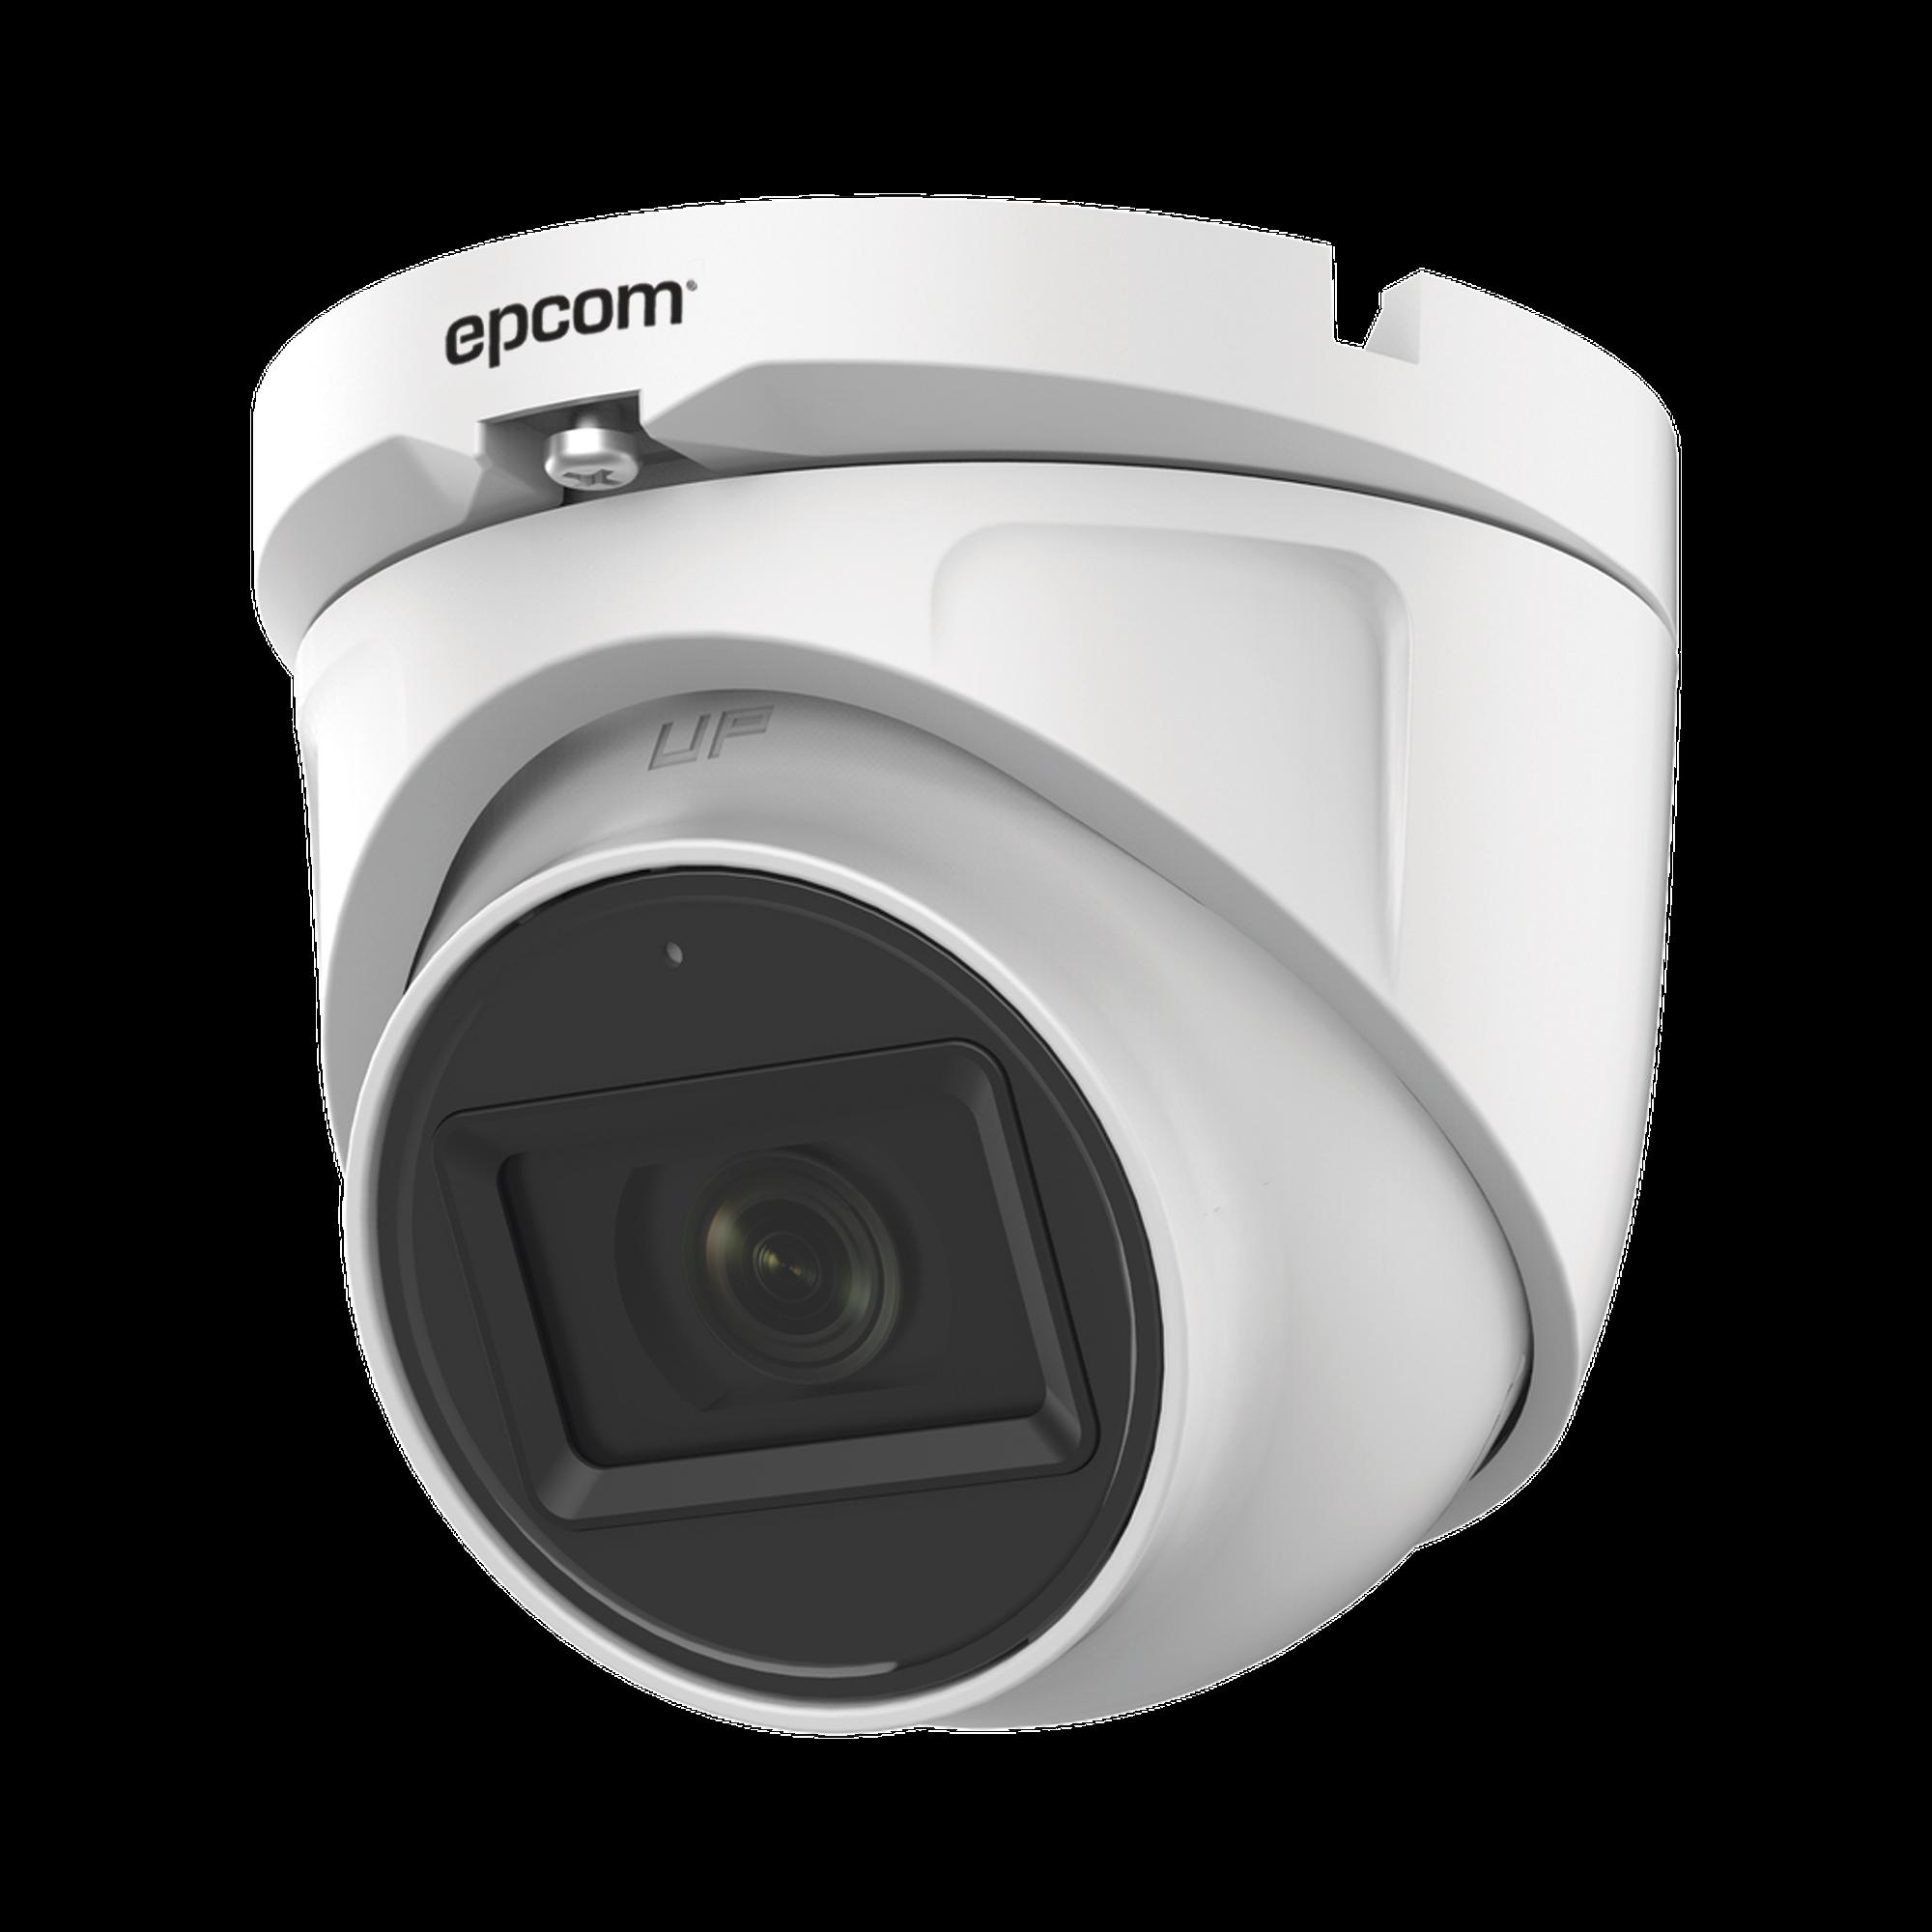 AUDIO POR COAXITRON / Domo TURBOHD 2 Megapixel (1080p) / Gran Angular 106? / Lente 2.8 mm / 30 mts IR EXIR / Exterior IP66 / 4 Tecnologías / dWDR